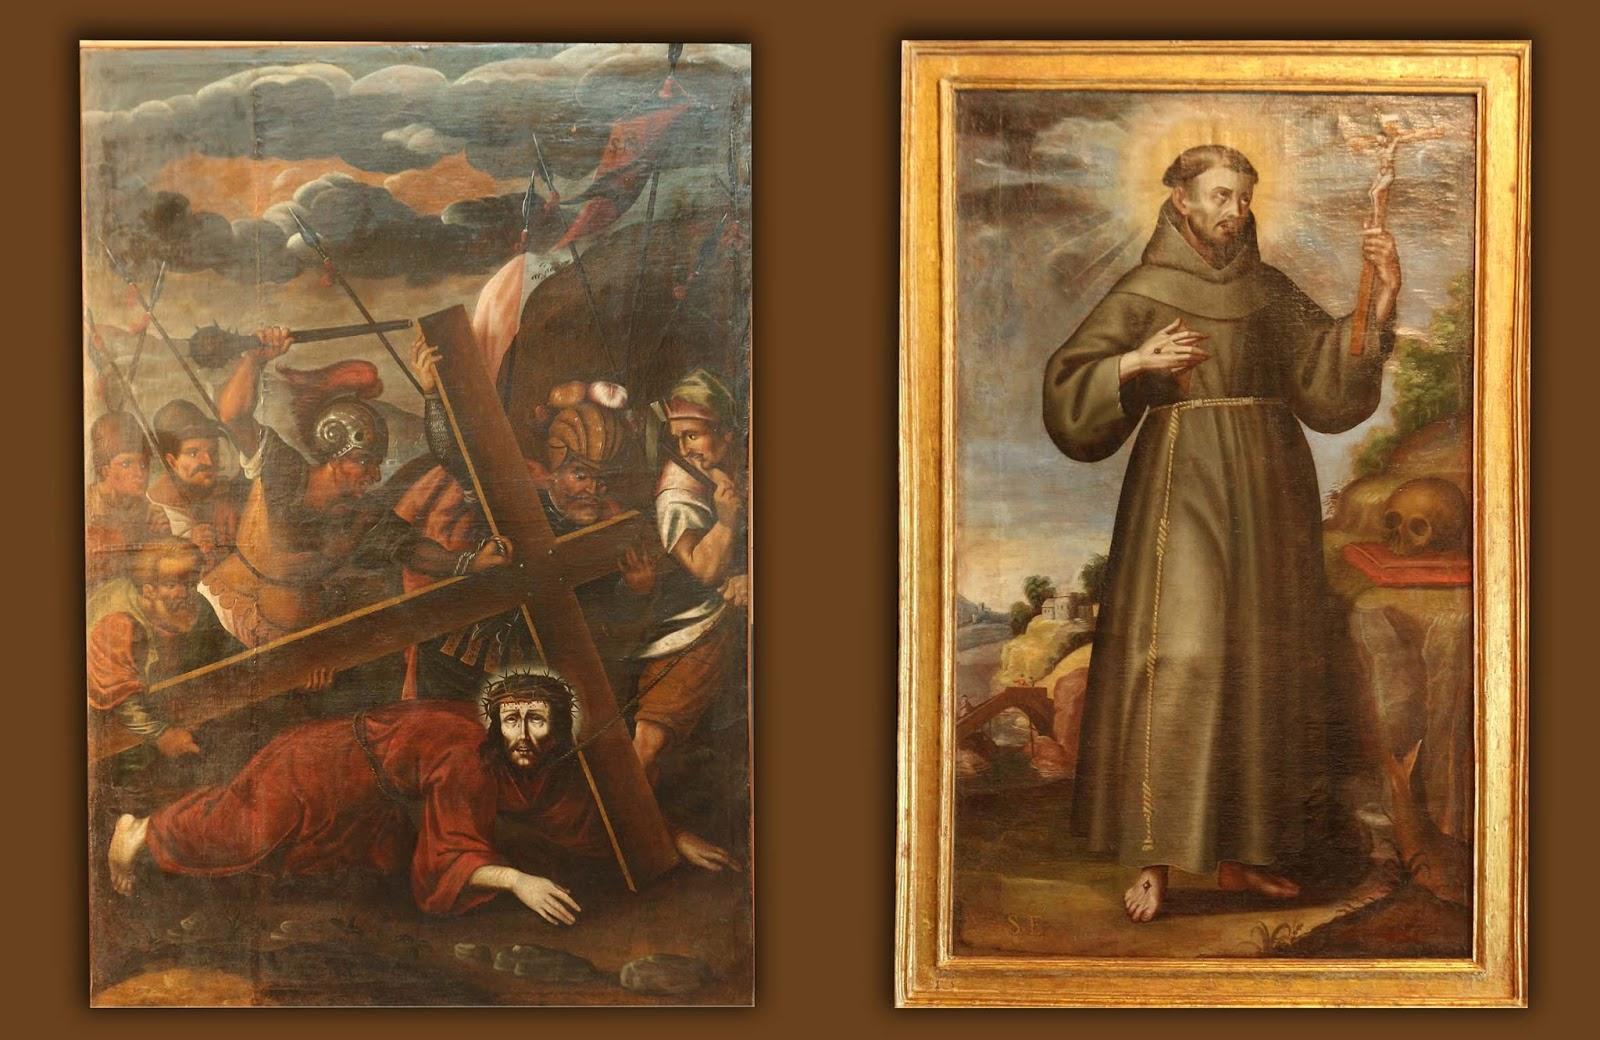 Las obras coloniales recuperadas forman parte de un lote de siete cuadros sustraídos del templo de San Pedro